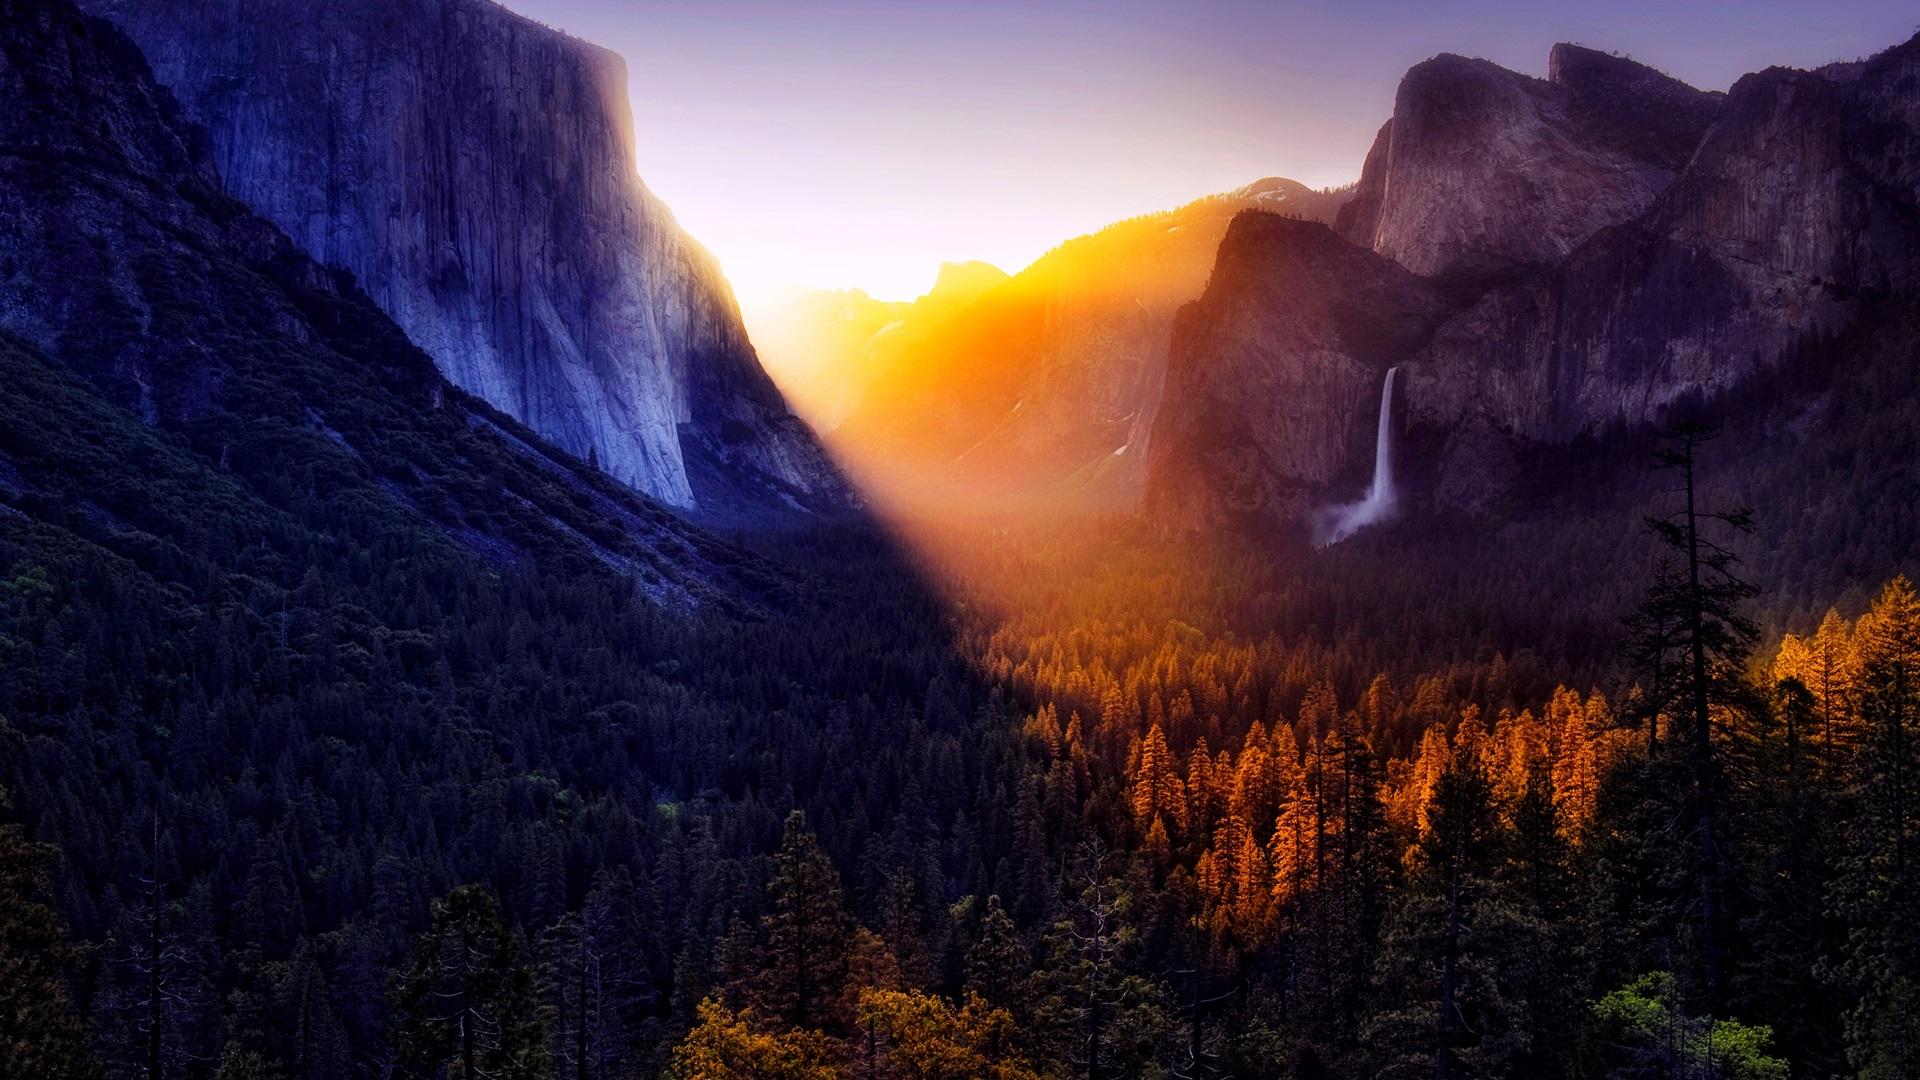 UU Paisaje 9,5x 20 Pulgada Soft Fleece Neck Polaina Bufanda Cara para Clima fr/ío Invierno al Aire Libre Wfispiy Puesta de Sol en el Parque Nacional de Yosemite EE